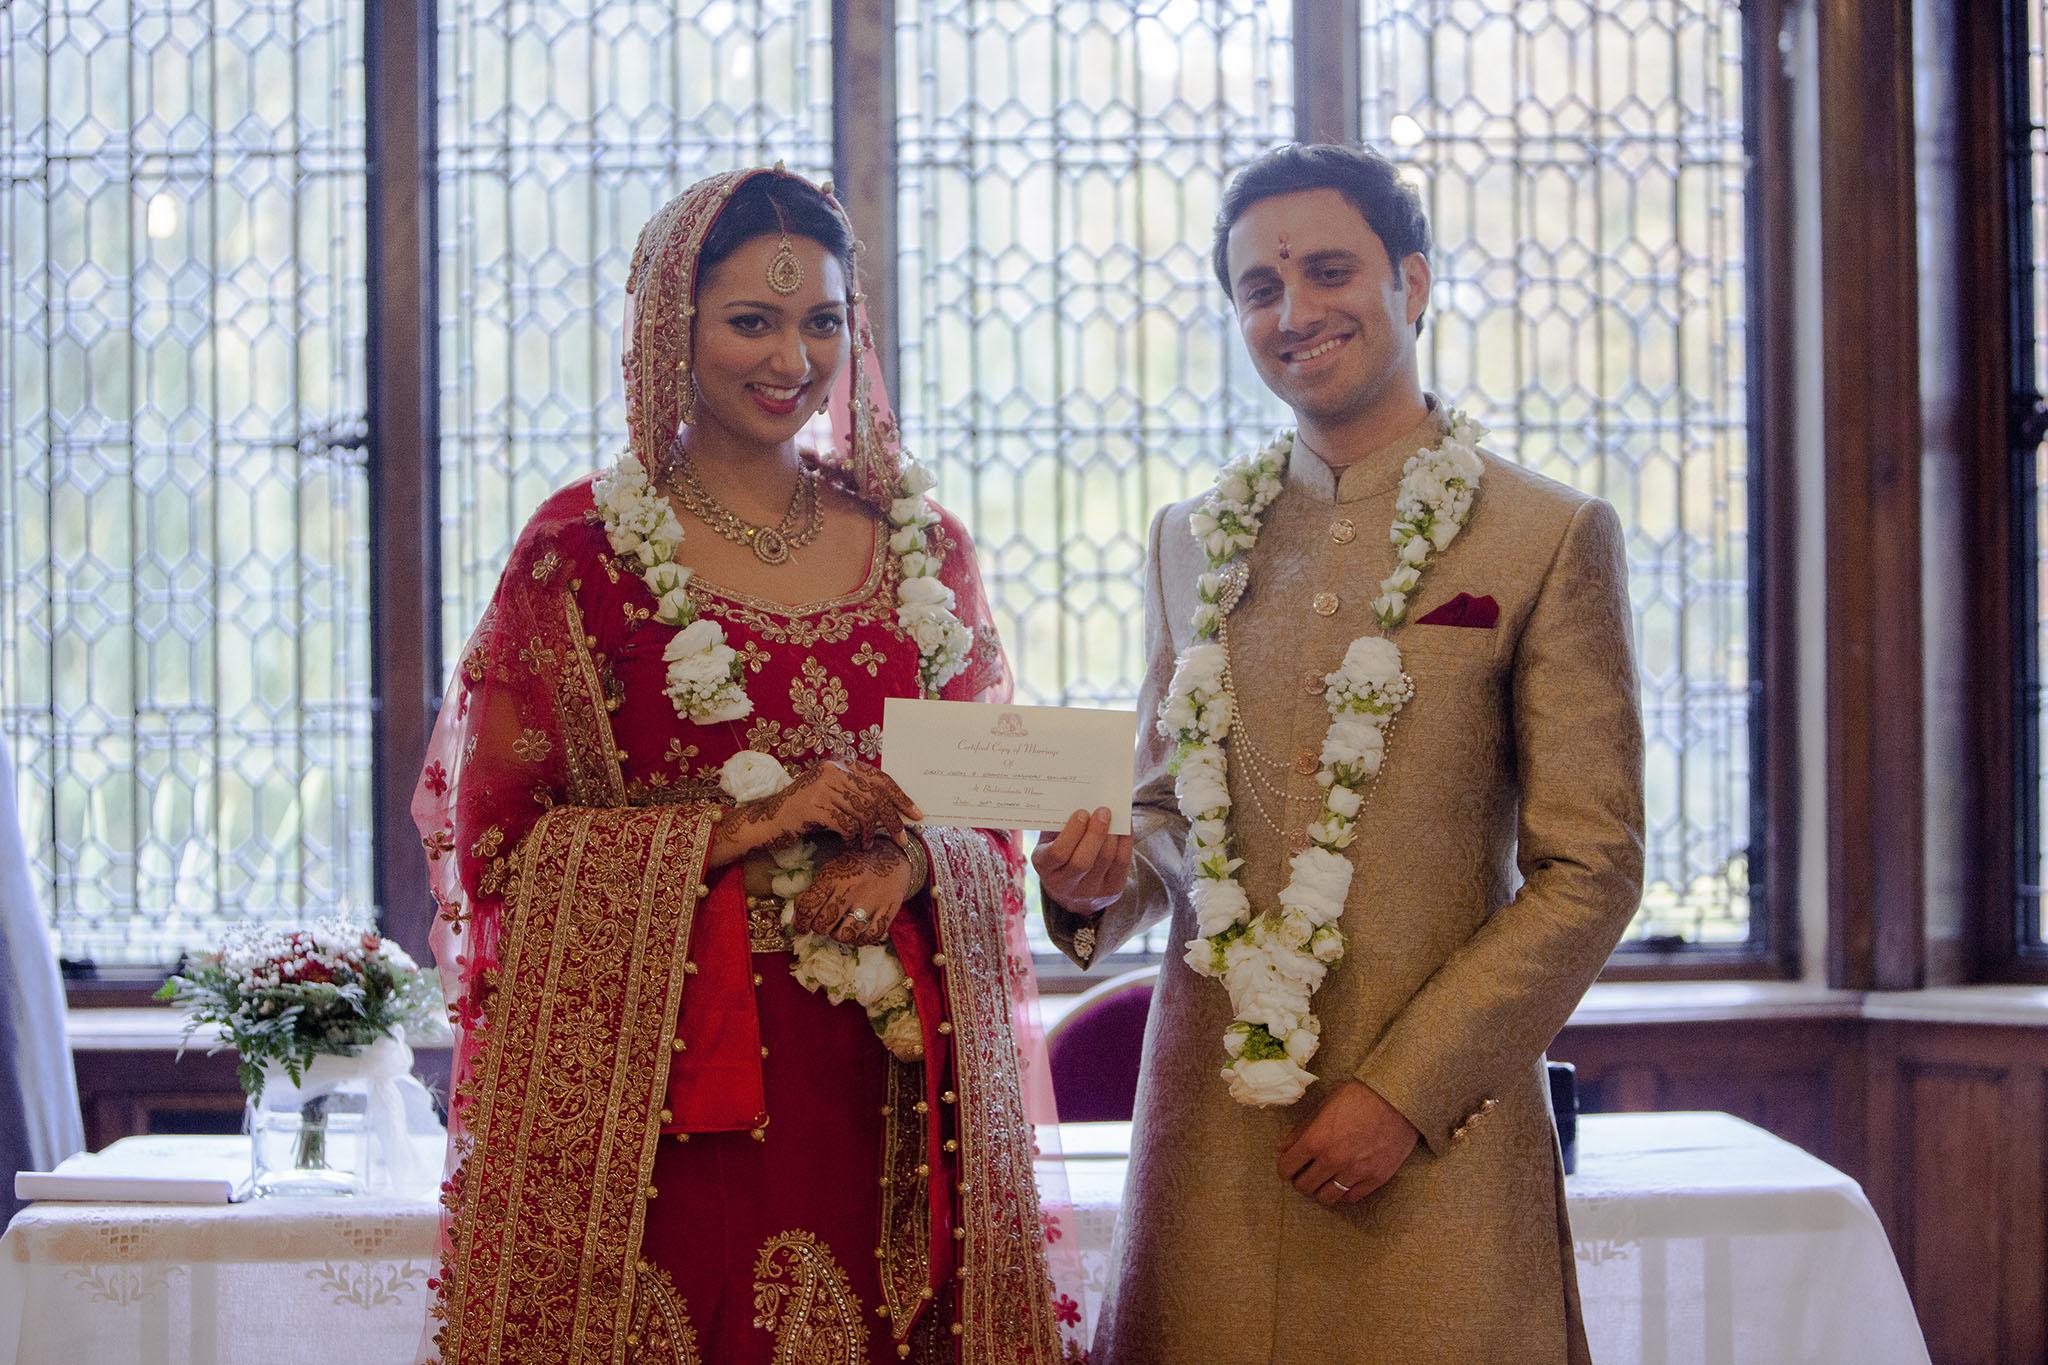 elizabethgphotography_kingslangley_hertfordshire_fineart_indian_wedding_photography_bhavesh_kundalata_bhaktivedanta_manor_watford_jpg56.jpg